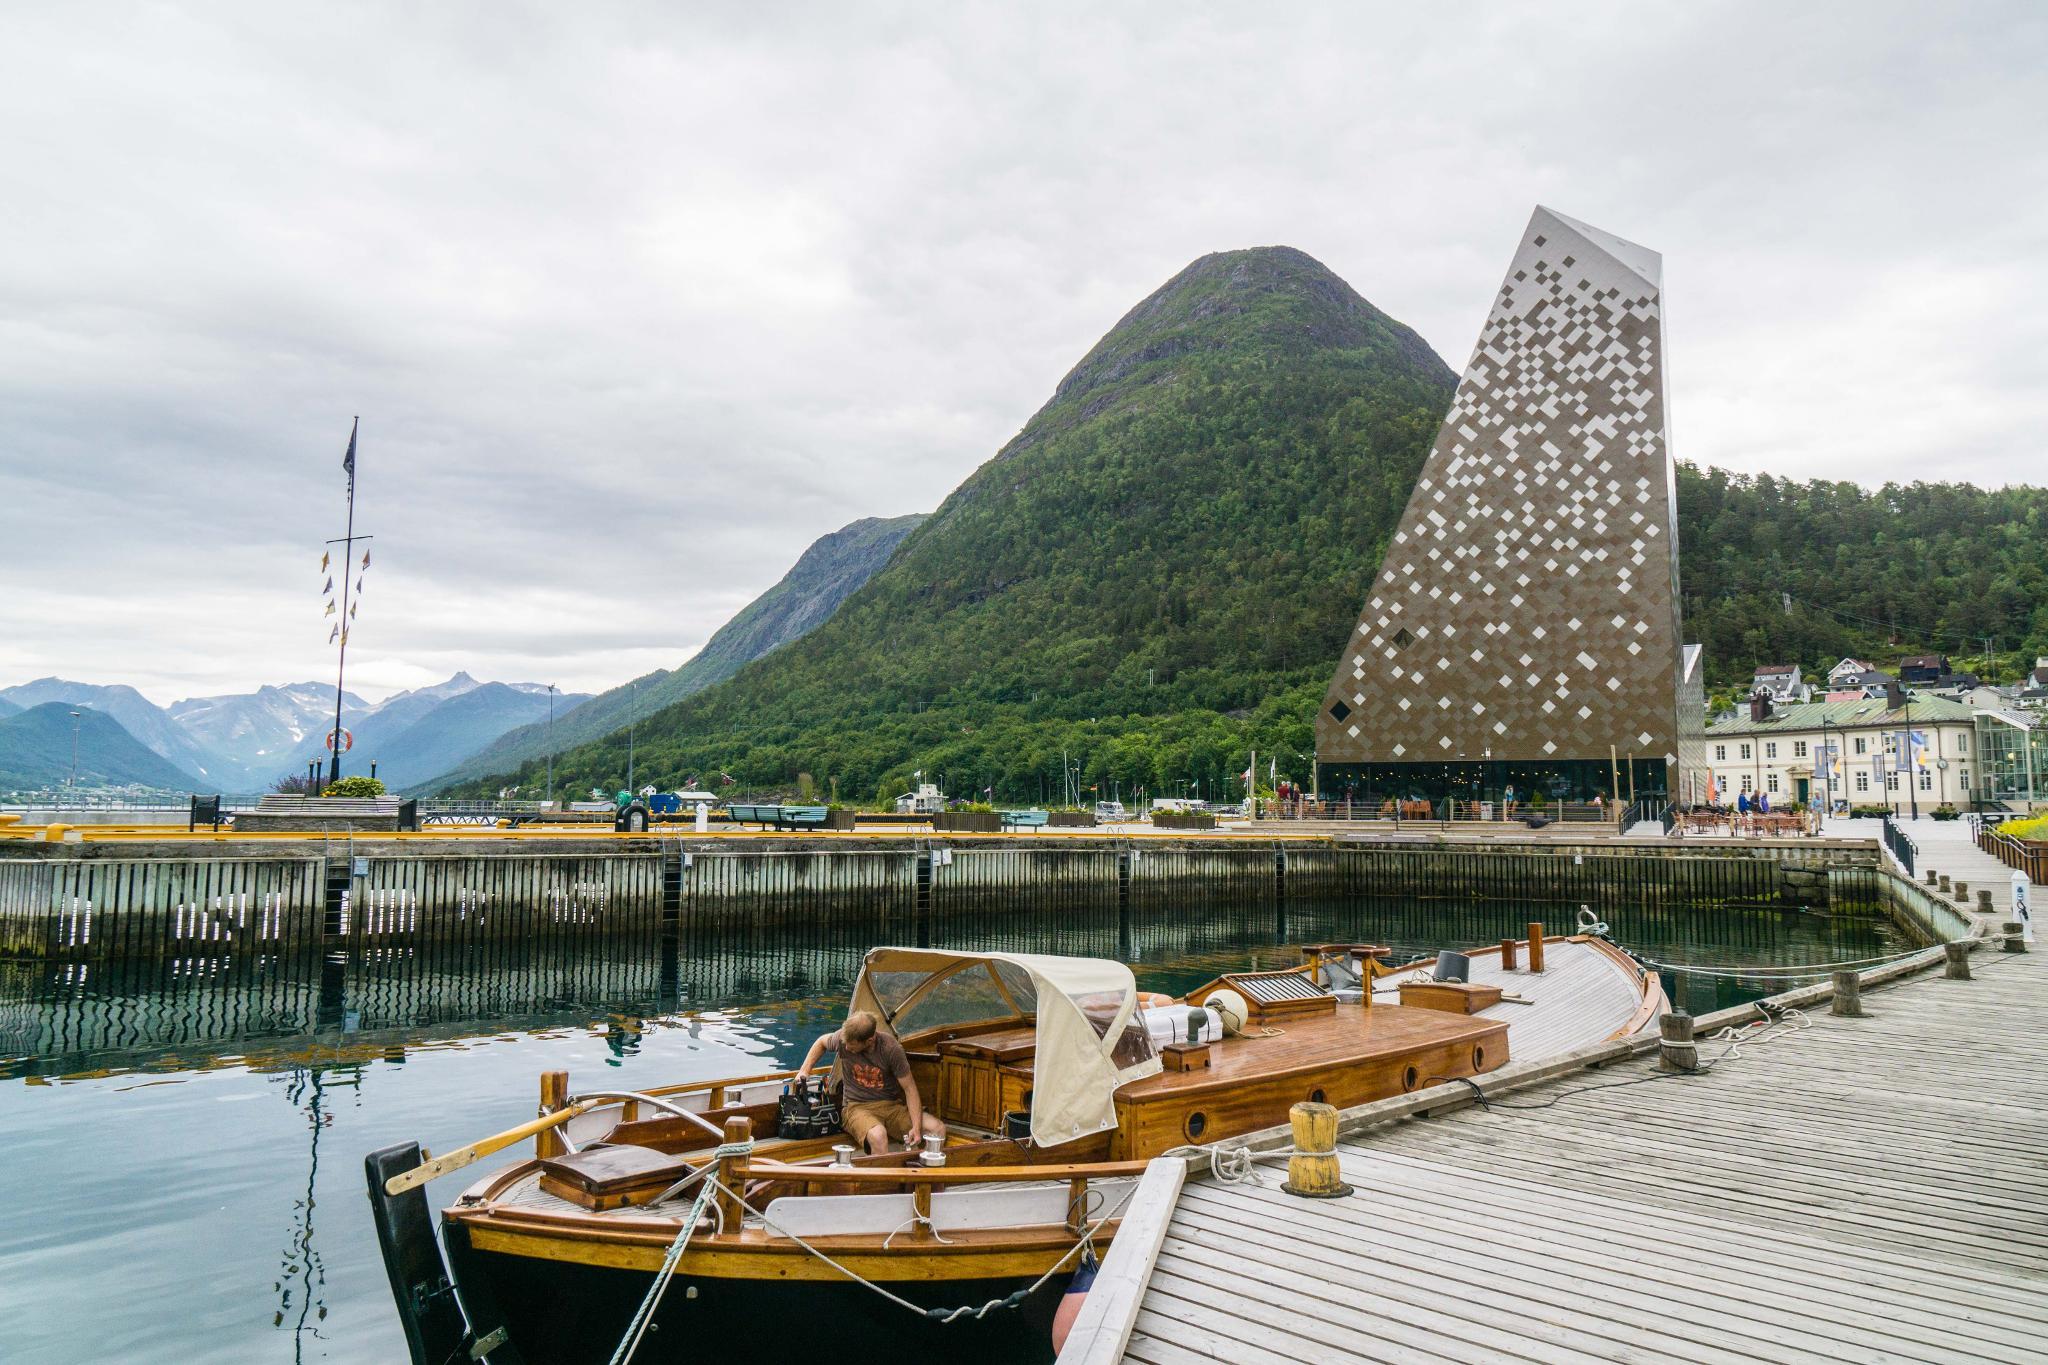 【北歐景點】峽灣區起點Åndalsnes健行 - 鳥瞰峽灣全景的Rampestreken觀景台 41